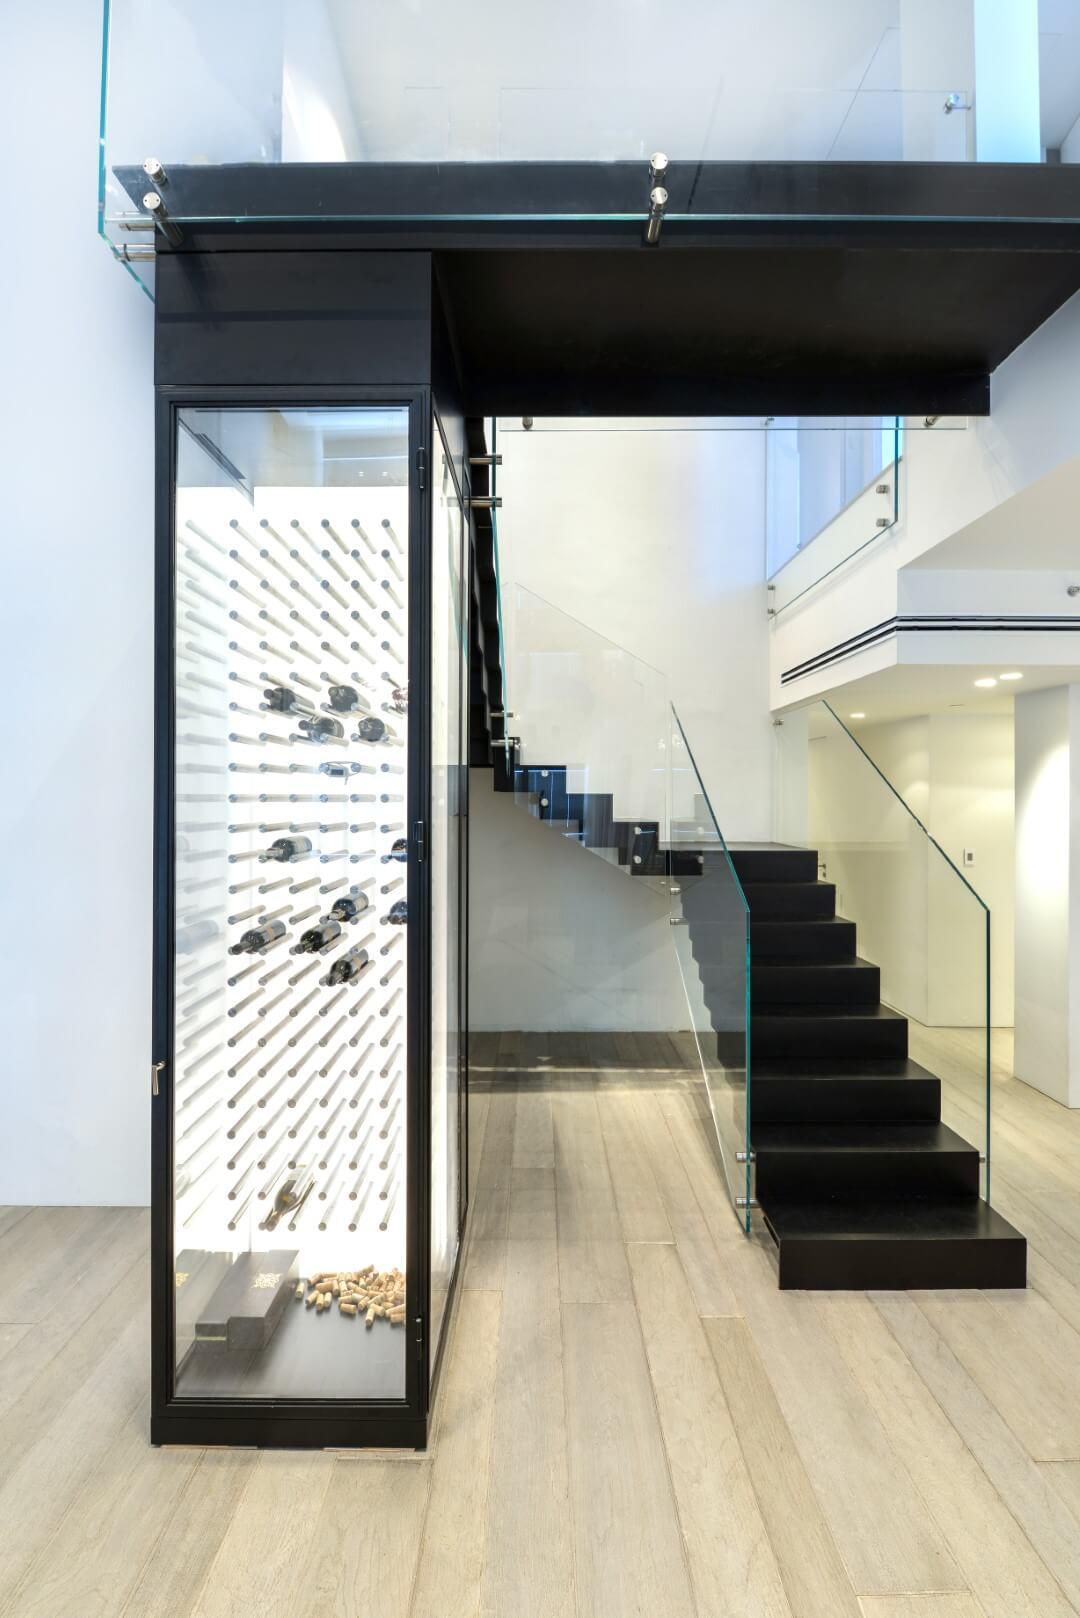 שני גרמי מדרגות ברזל עם מעקה זכוכית לצד מקרר יינות יוקרתי